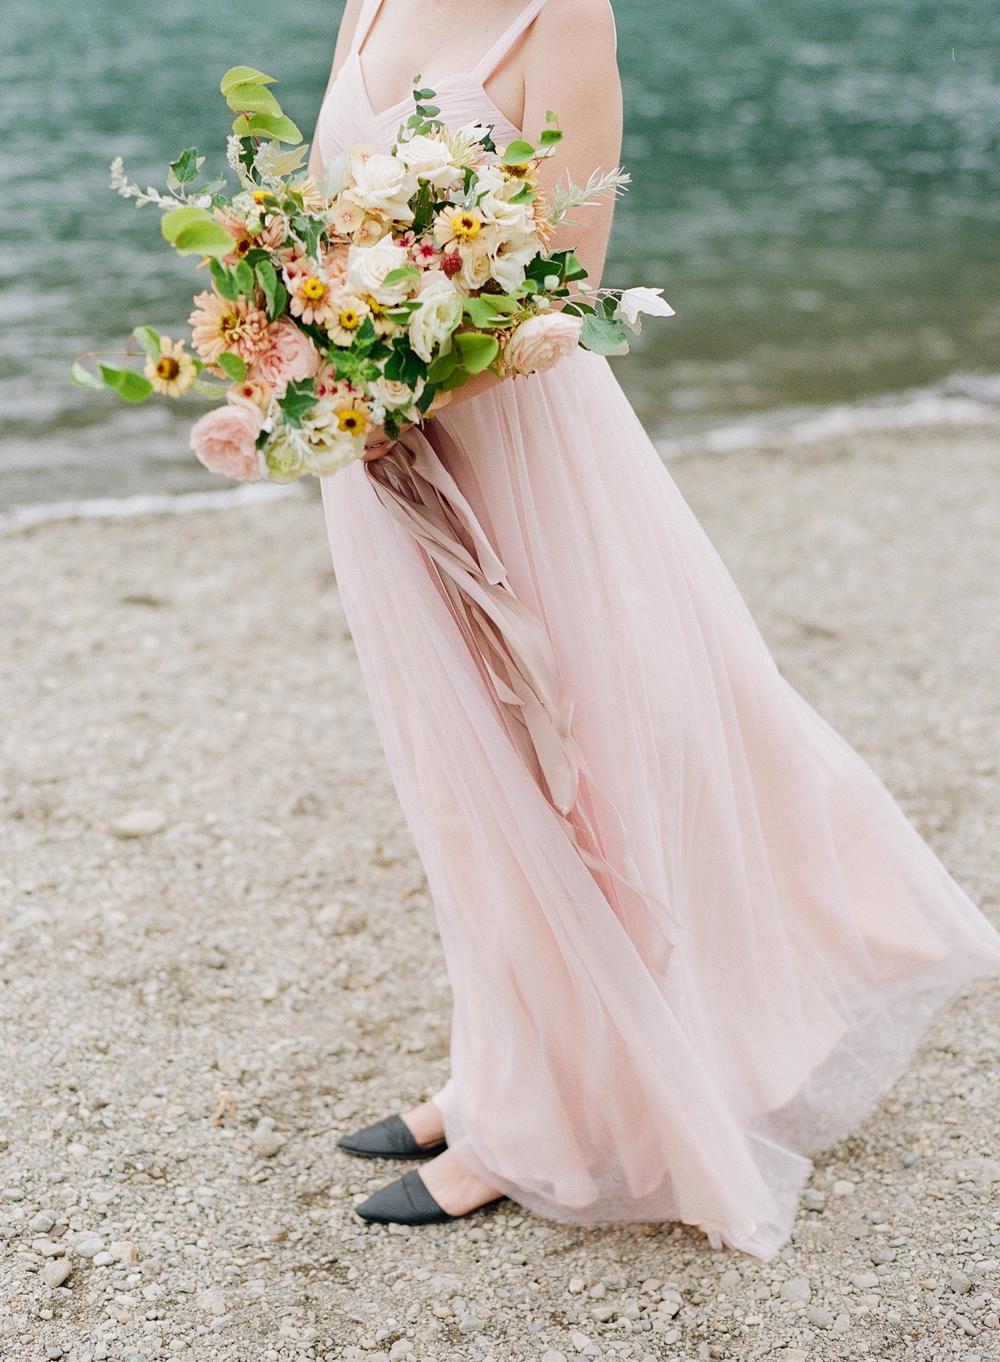 rattlesnake_lake_engagment_floral_bouquet 5.jpg